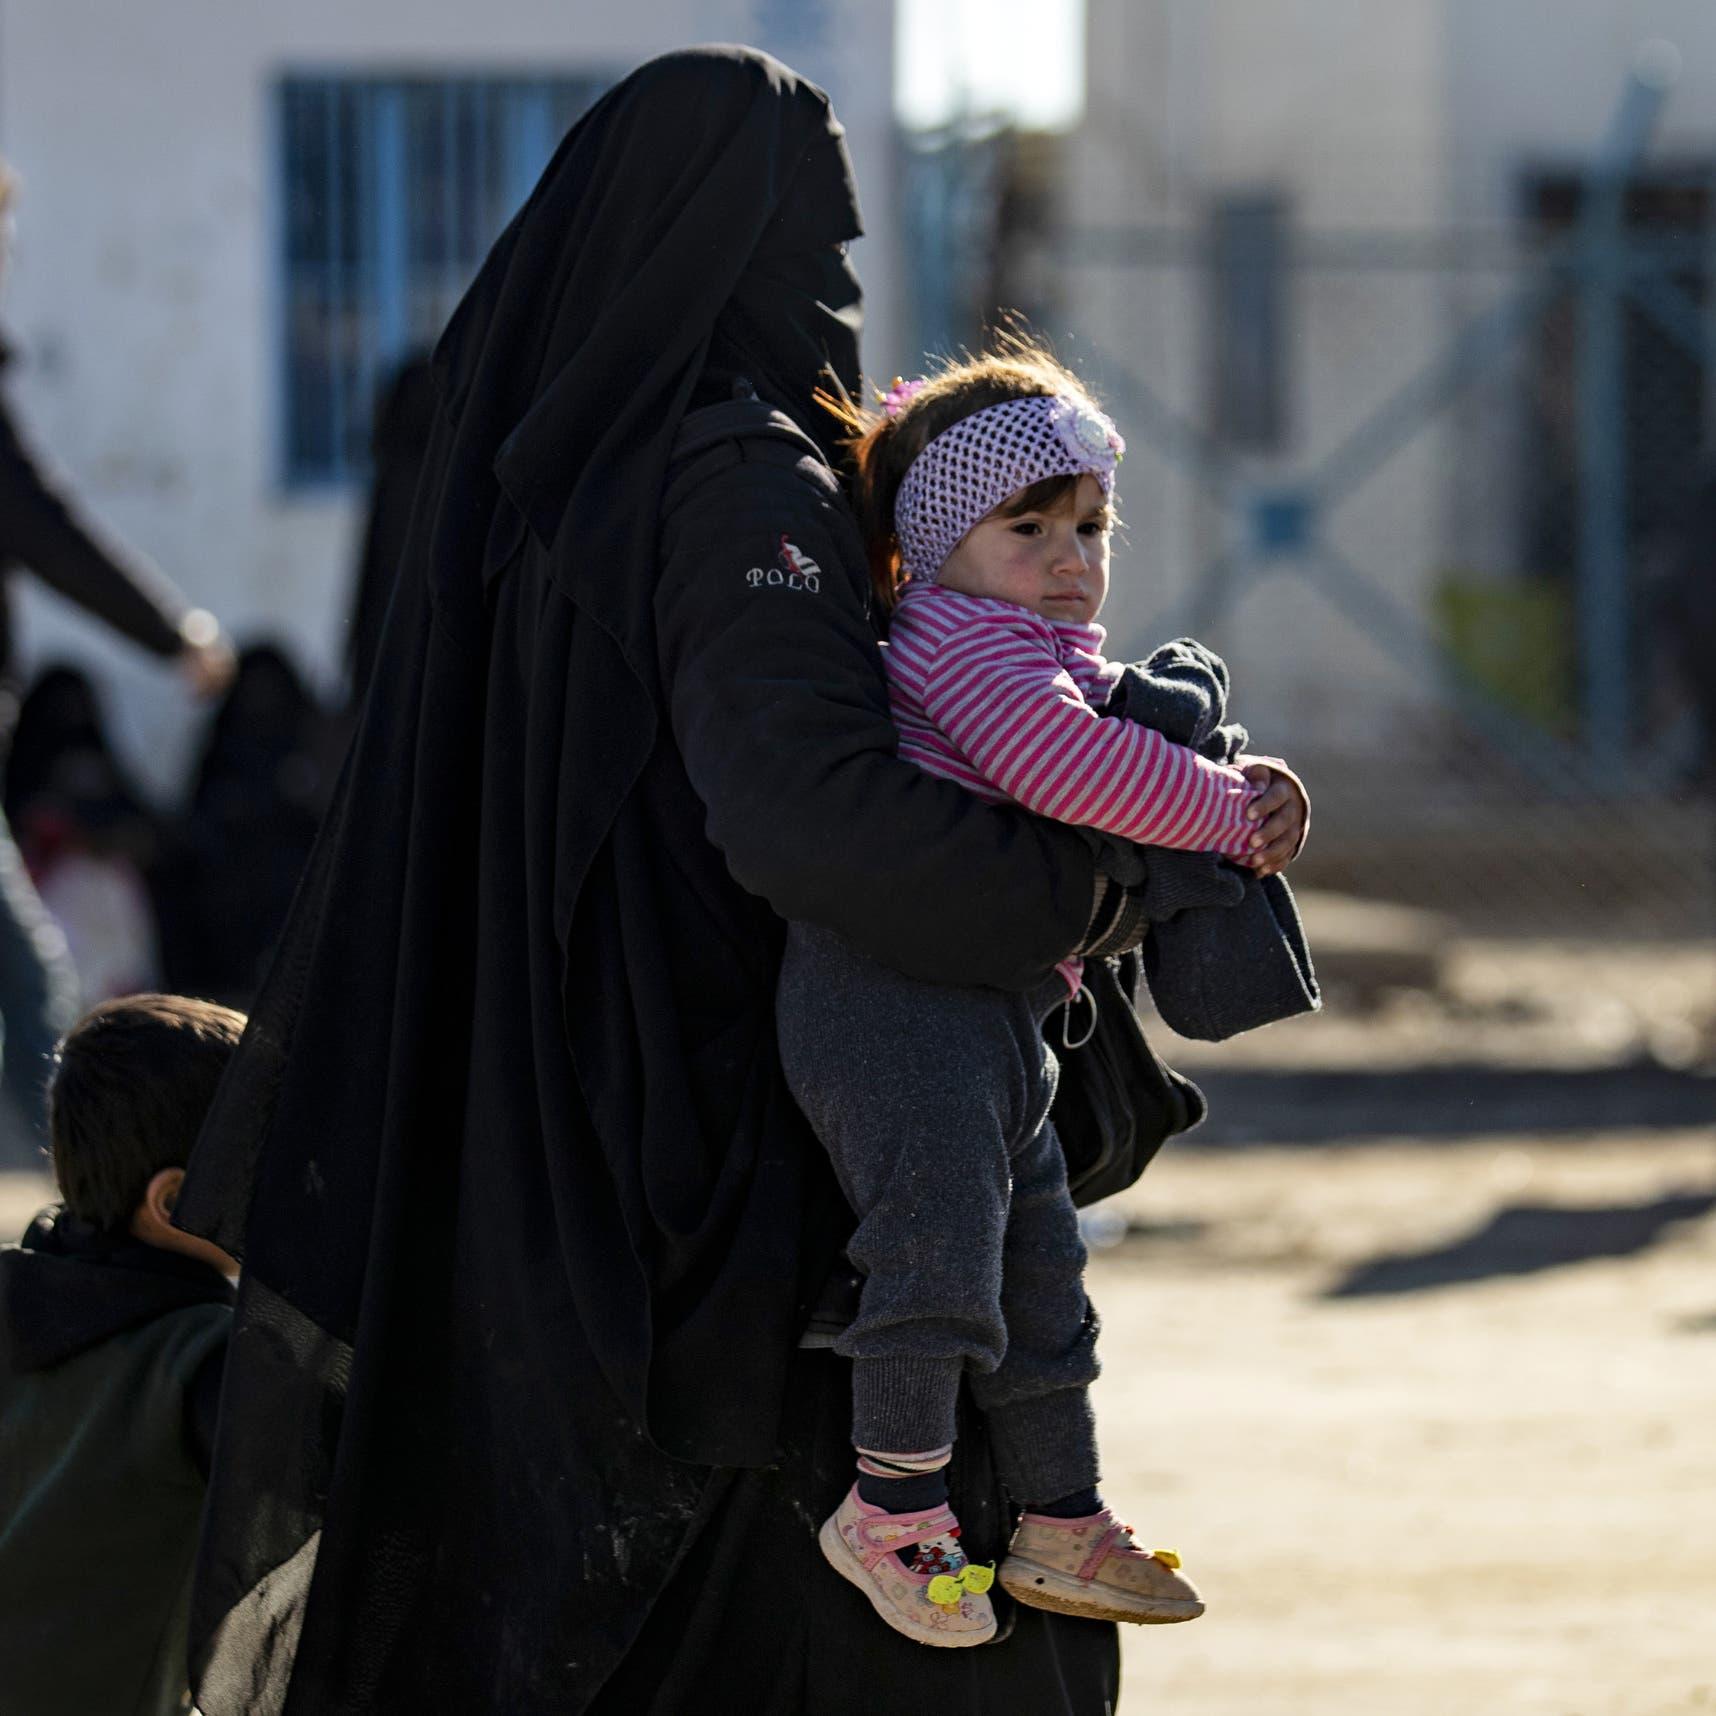 مخيم الهول ثانية.. جحيم منسي بأطفاله وعنفهفي سوريا